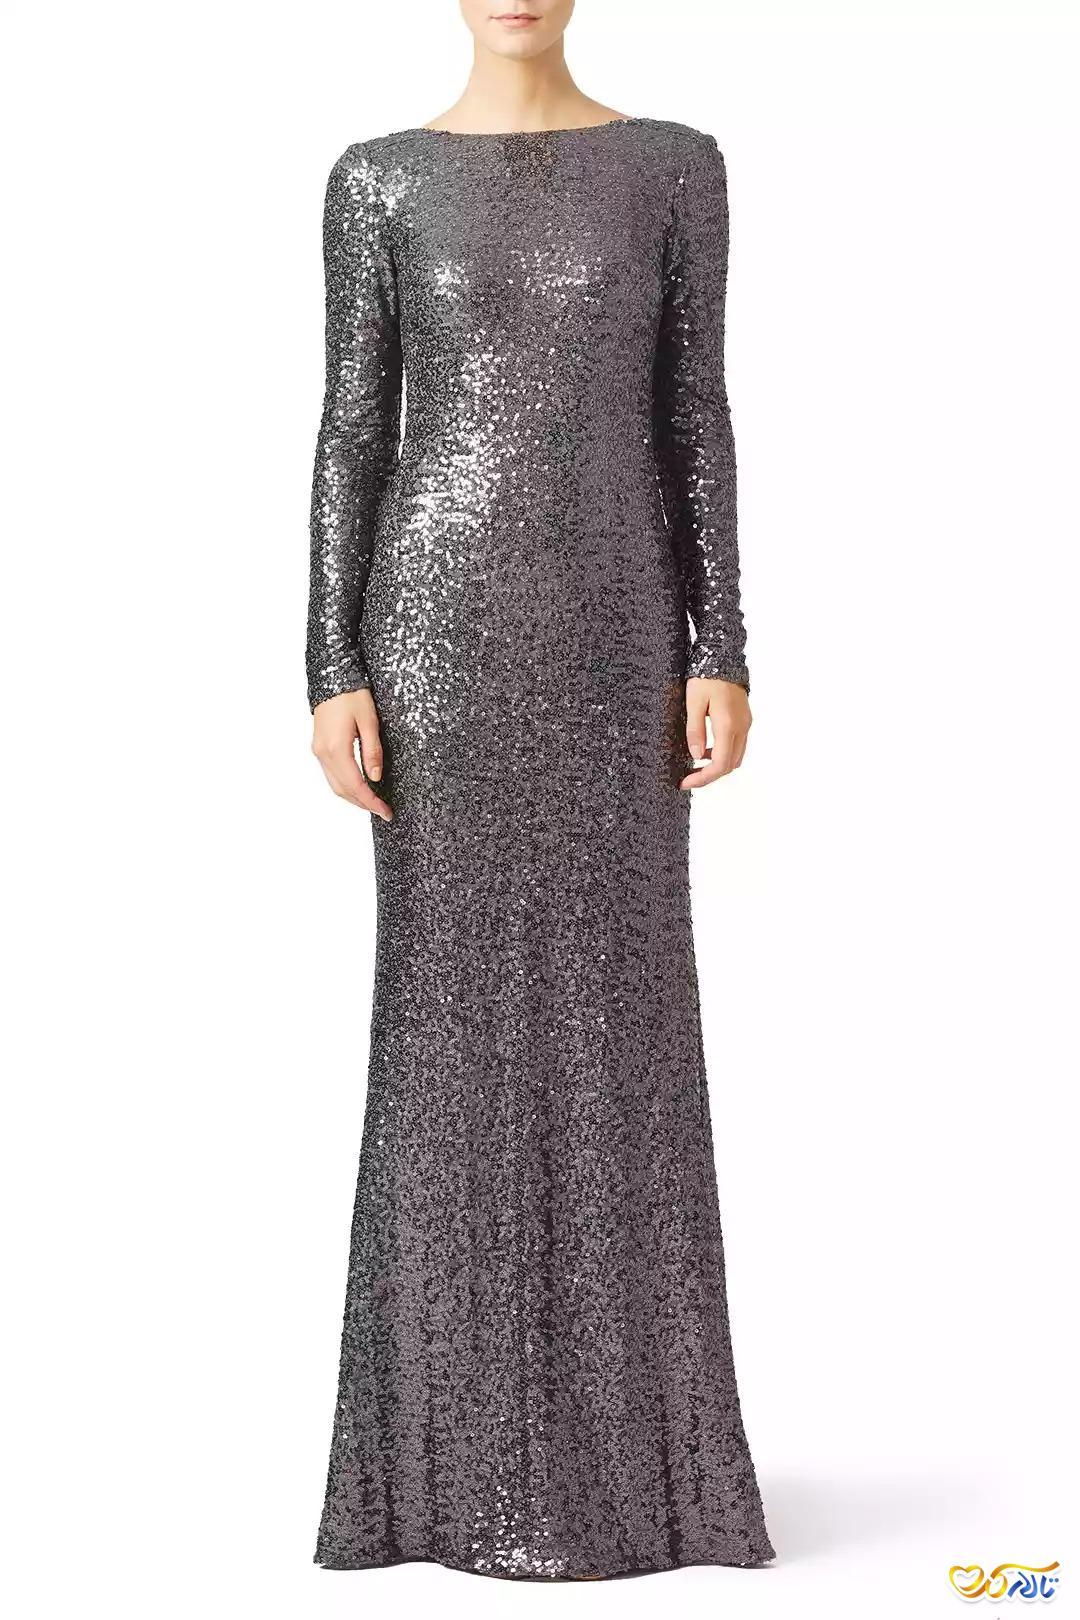 لباس مجلسی شاین برای ساقدوش عروس